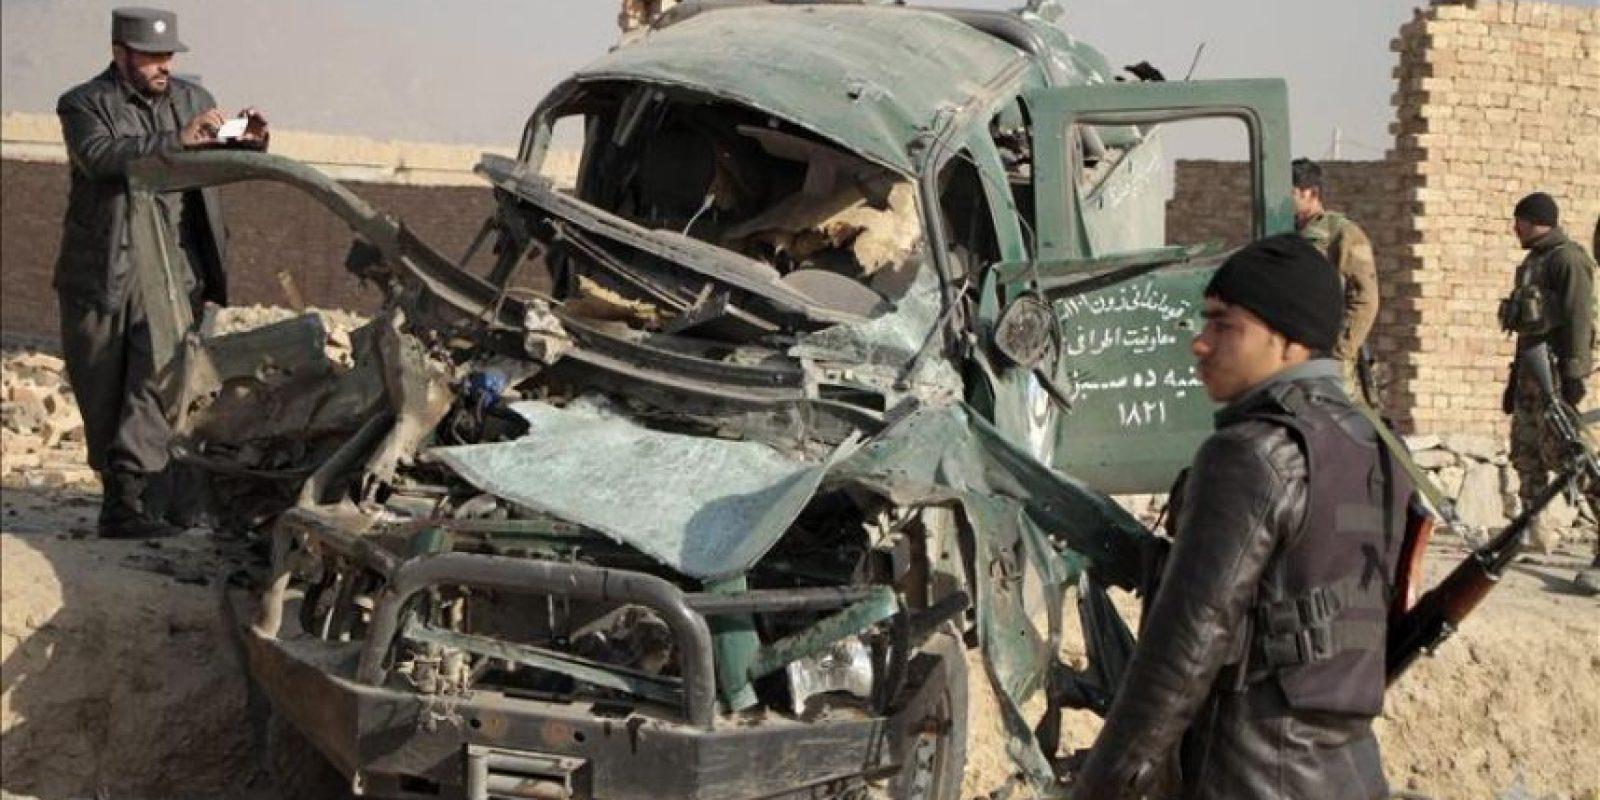 Oficiales de seguridad afganos inspeccioanan el escenario de un atentado suicida con bomba perpetrado contra un coche policial en Kabul (Afganistán), hoy, jueves 18 de diciembre de 2014. EFE